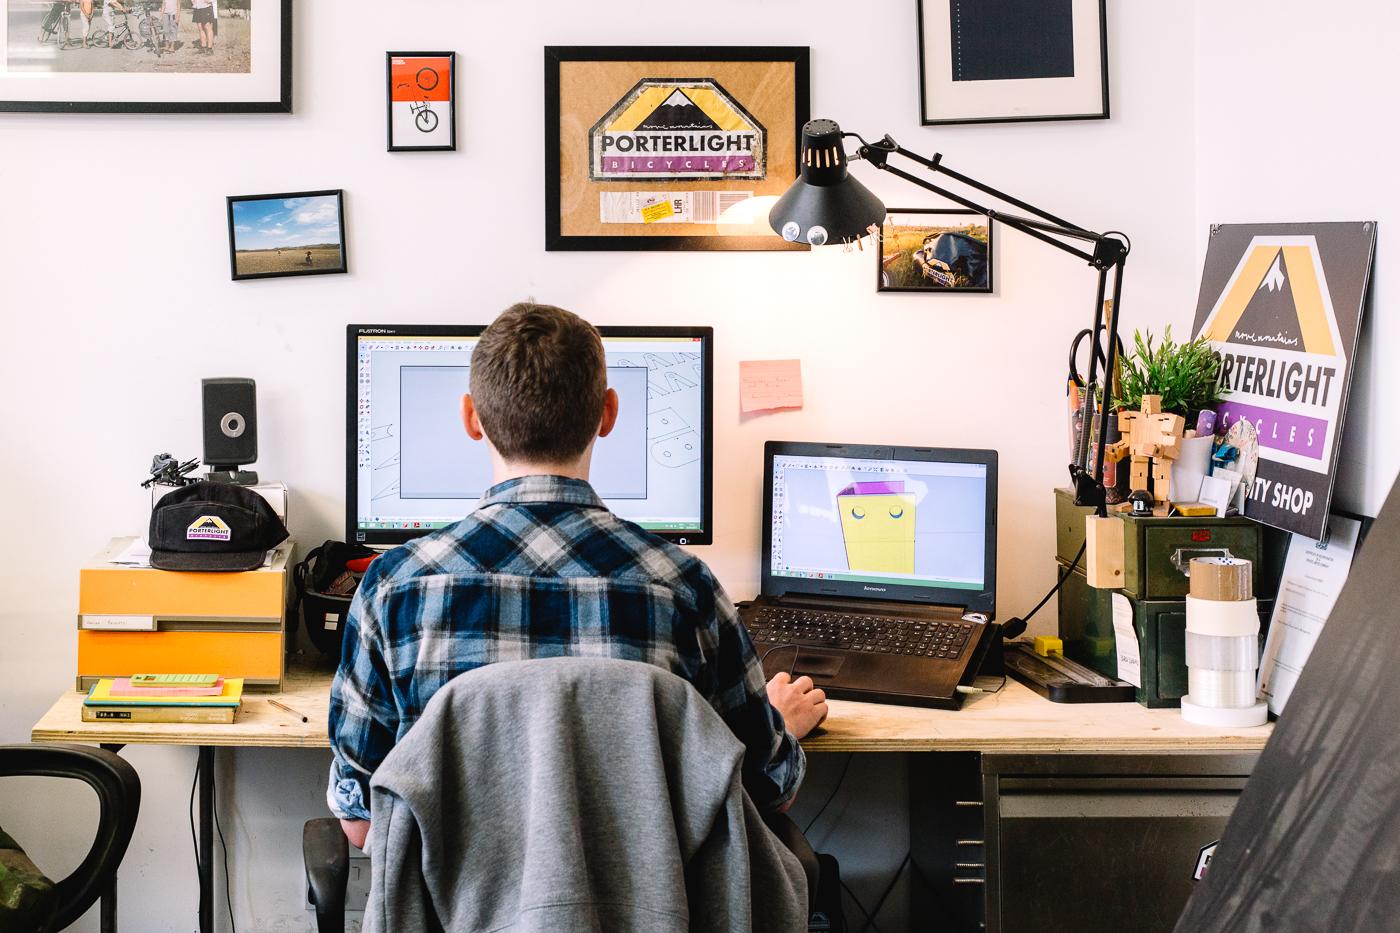 Lawrence Brand à son bureau, devant son ordinateur, entouré de photos de son voyage et de panneaux Porterlight Bicycles